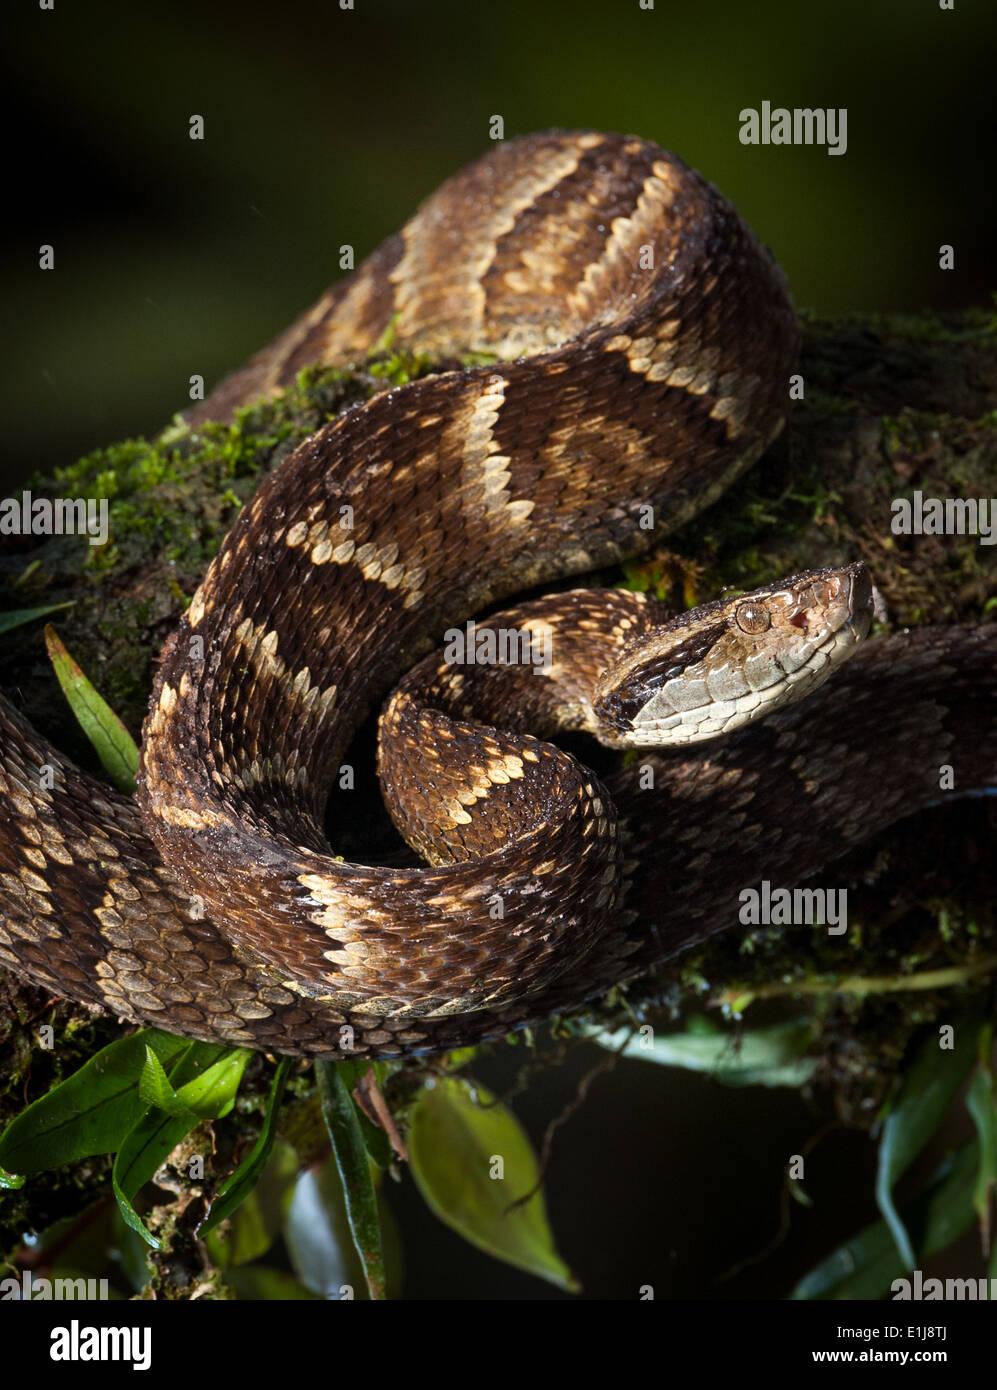 a-pit-viper-bothrops-jararaca-from-the-a